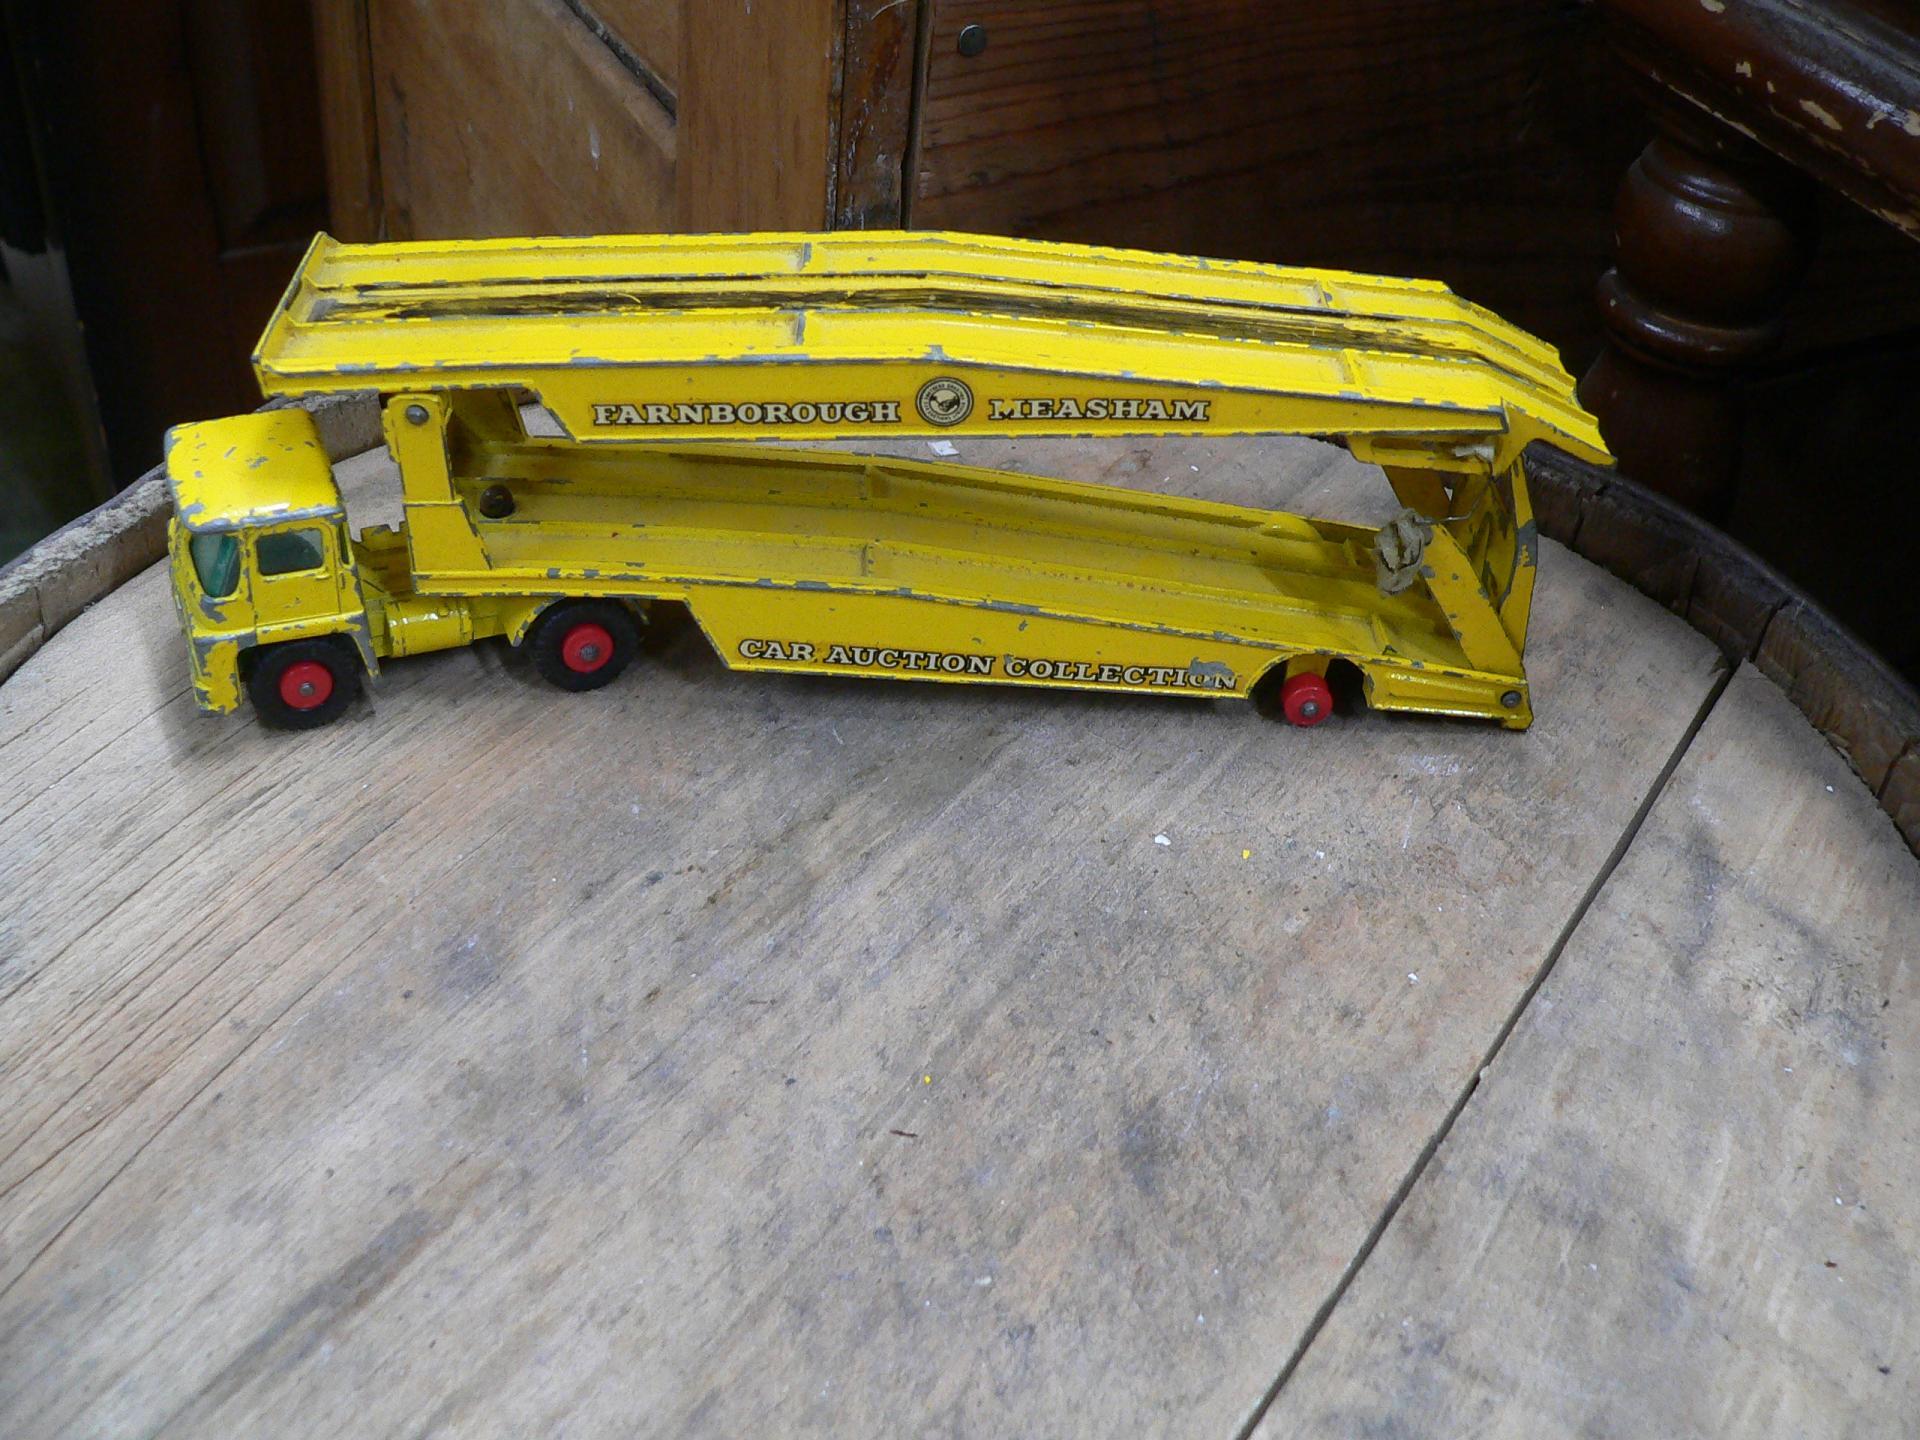 Camion transporteur Lesney # 5143.1